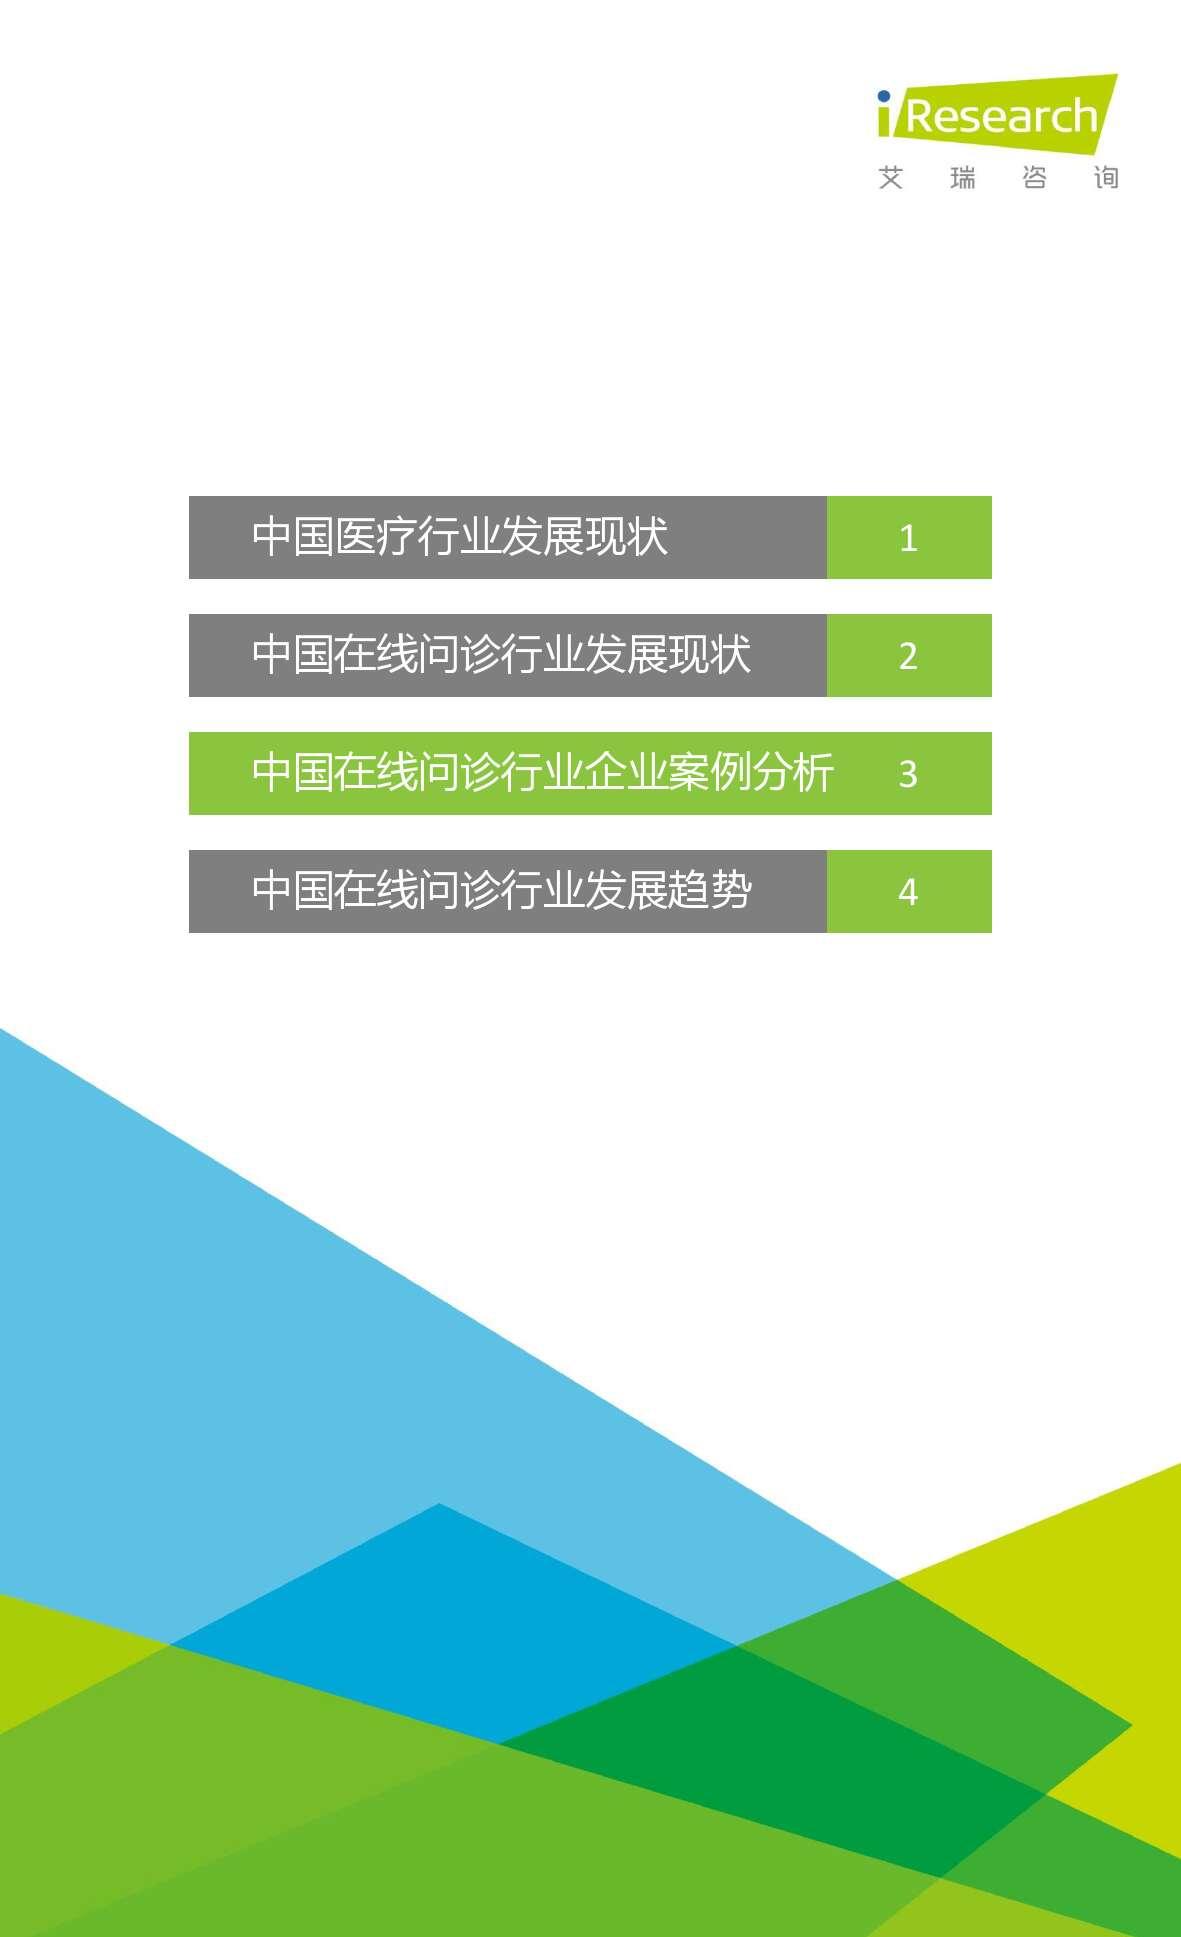 2015年中国在线问诊行业研究报告_000037